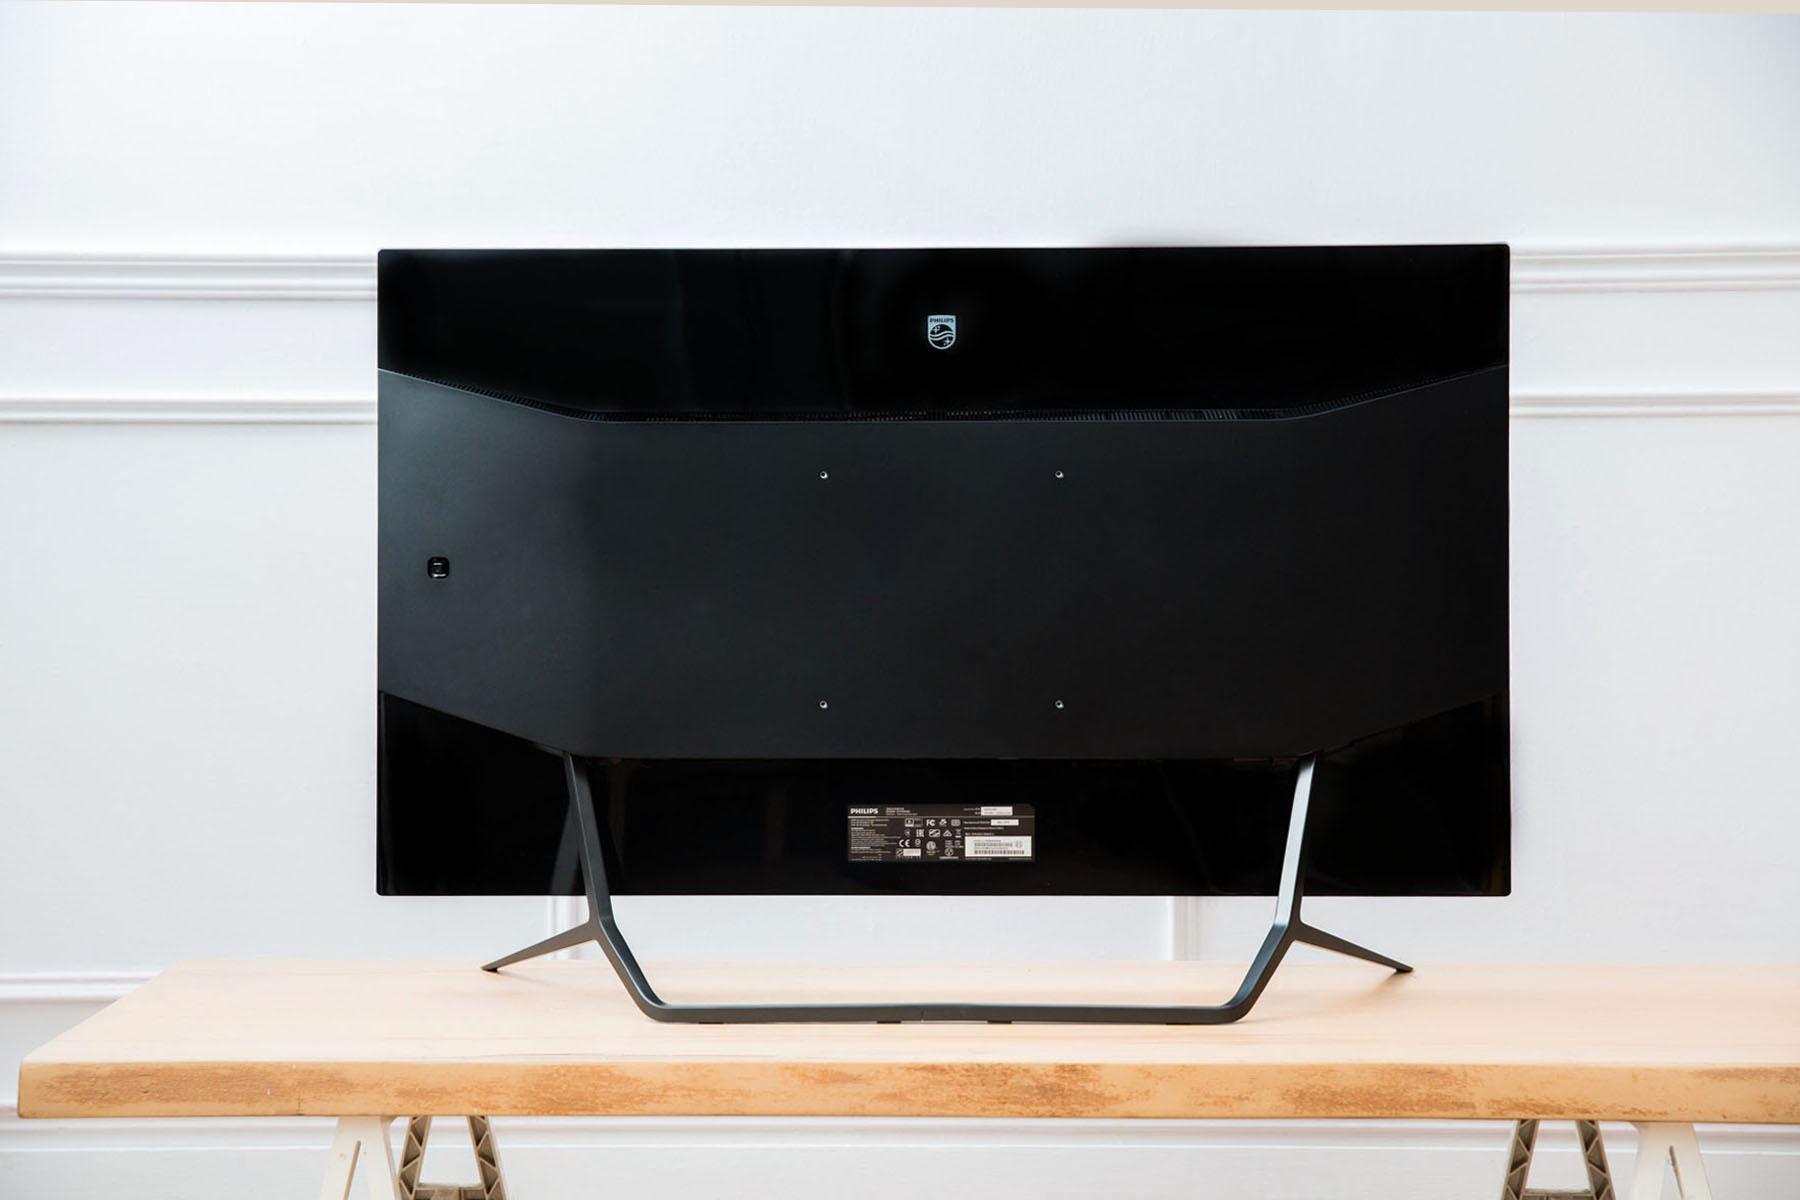 美麗的三段式背板設計,透過上、下兩區鏡面質感,搭配中間啞黑材質,創造出 436M6VBRAB 沉穩靜謐的風範。